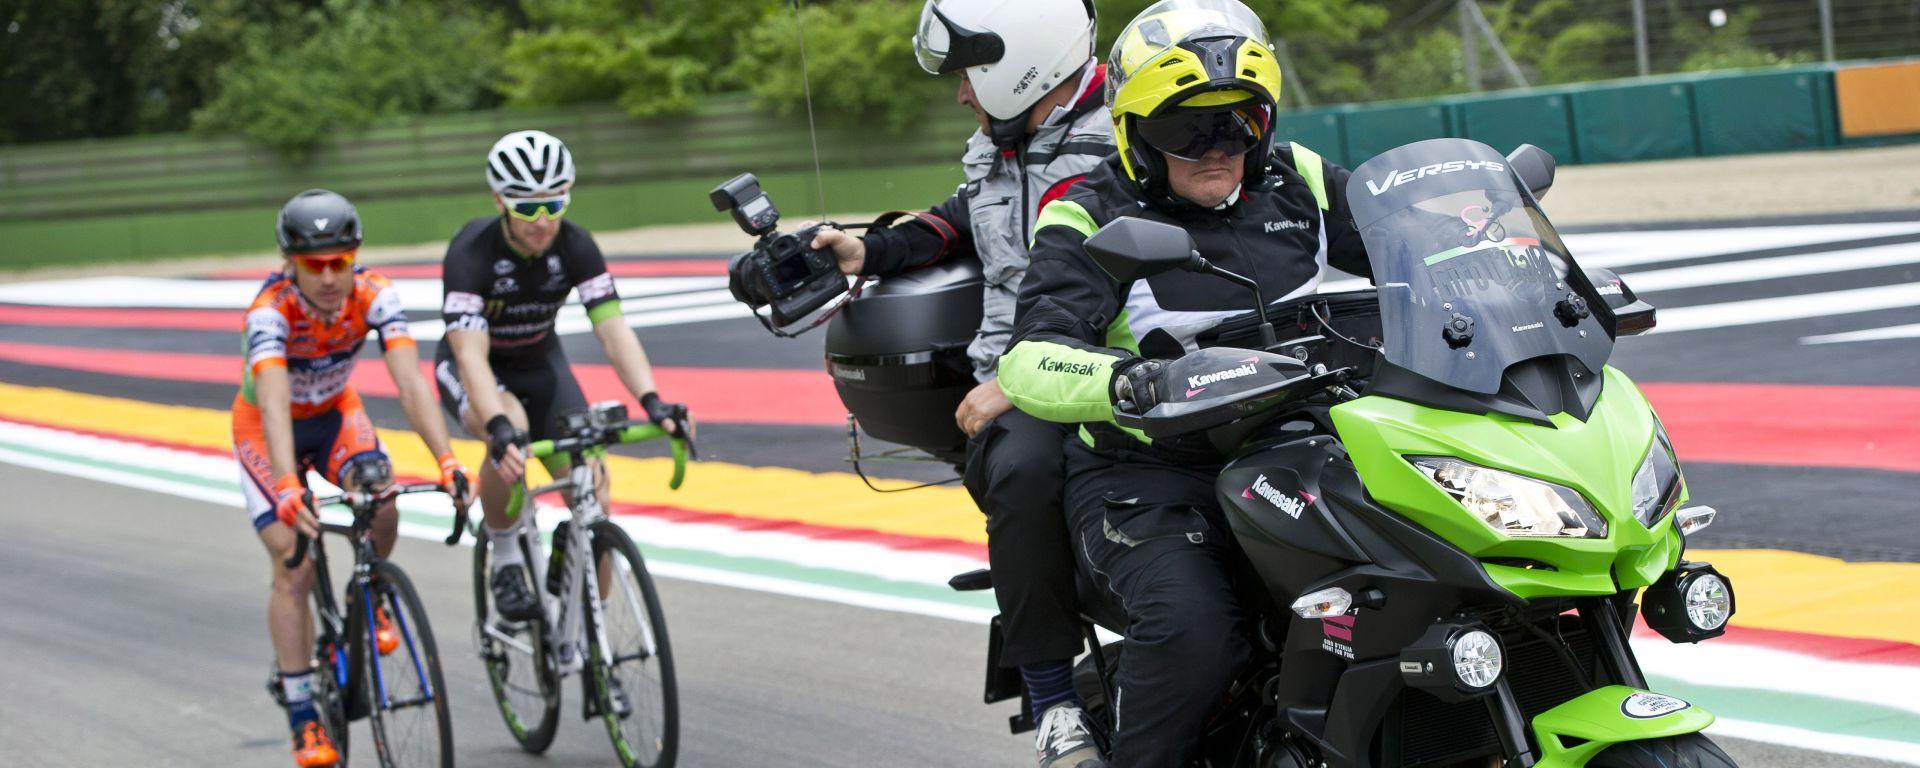 Kawasaki: la Versys 650 è la moto ufficiale del 99° Giro d'Italia 2016